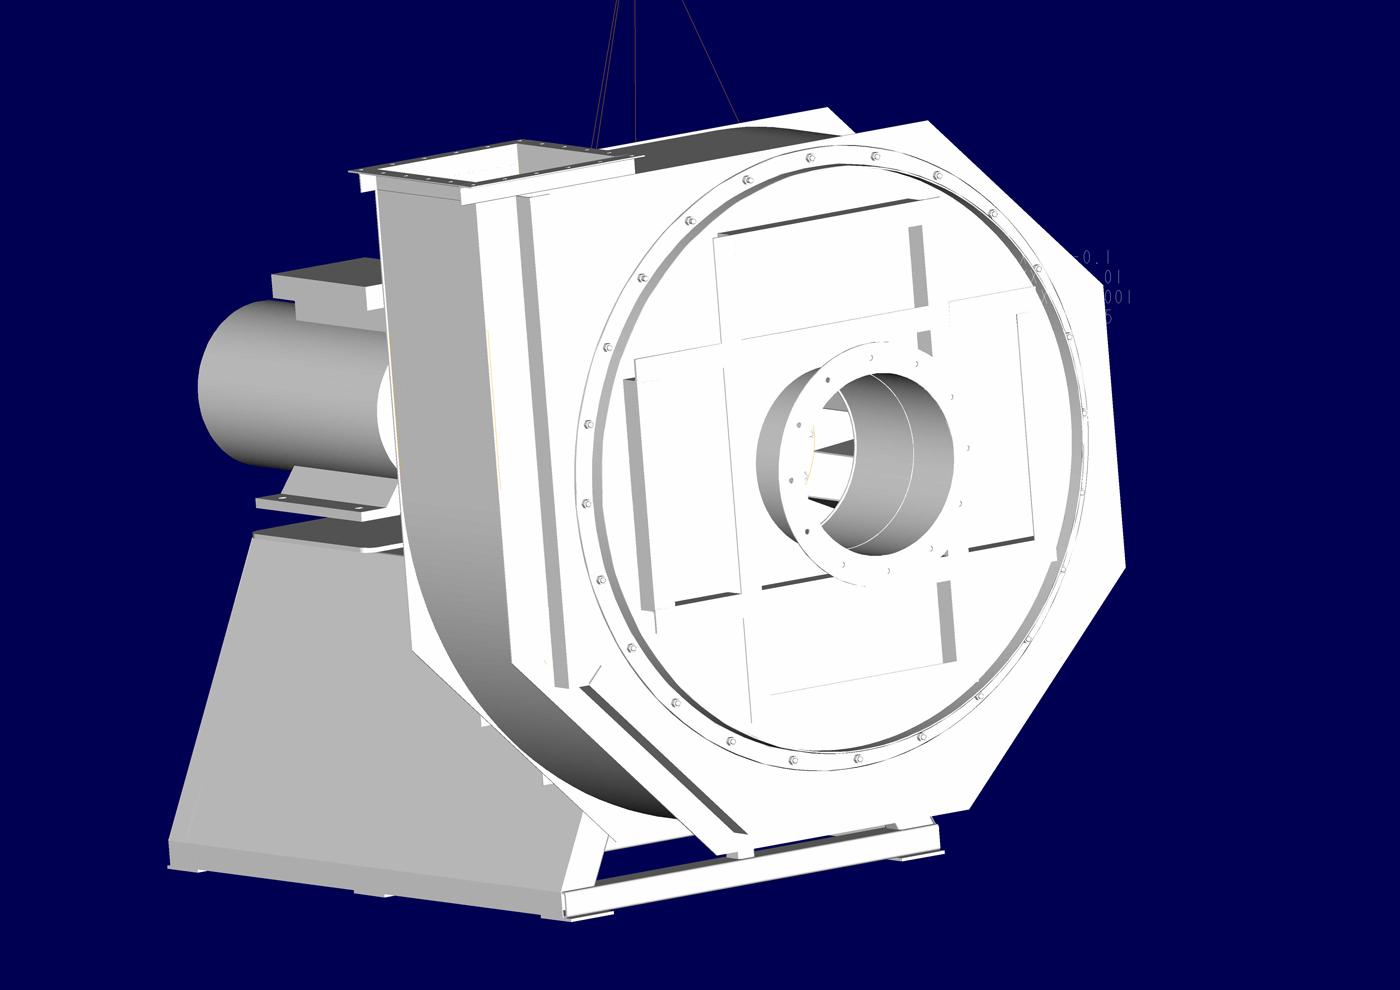 High Pressure Blower Fan : High pressure fans products Компания АВК Проектирование и